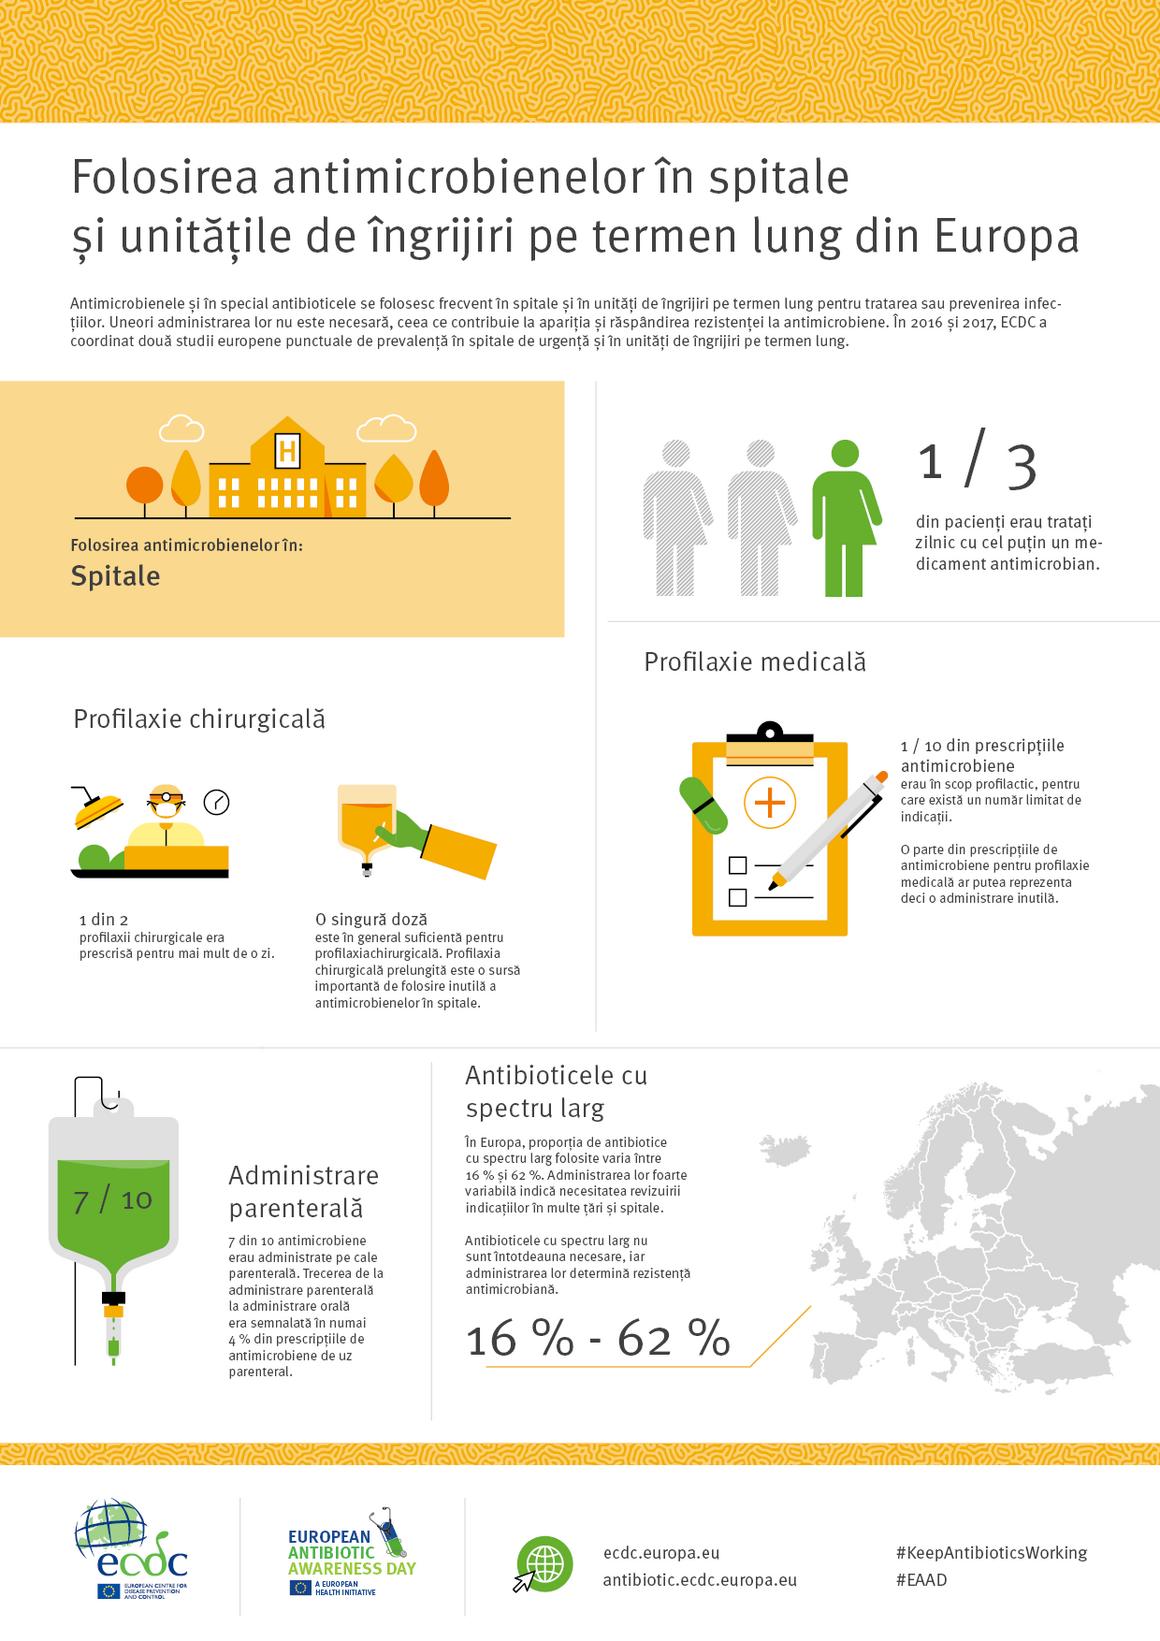 Bruk av antimikrobielle midler på sykehus og i langtidsinstitusjoner i Europa